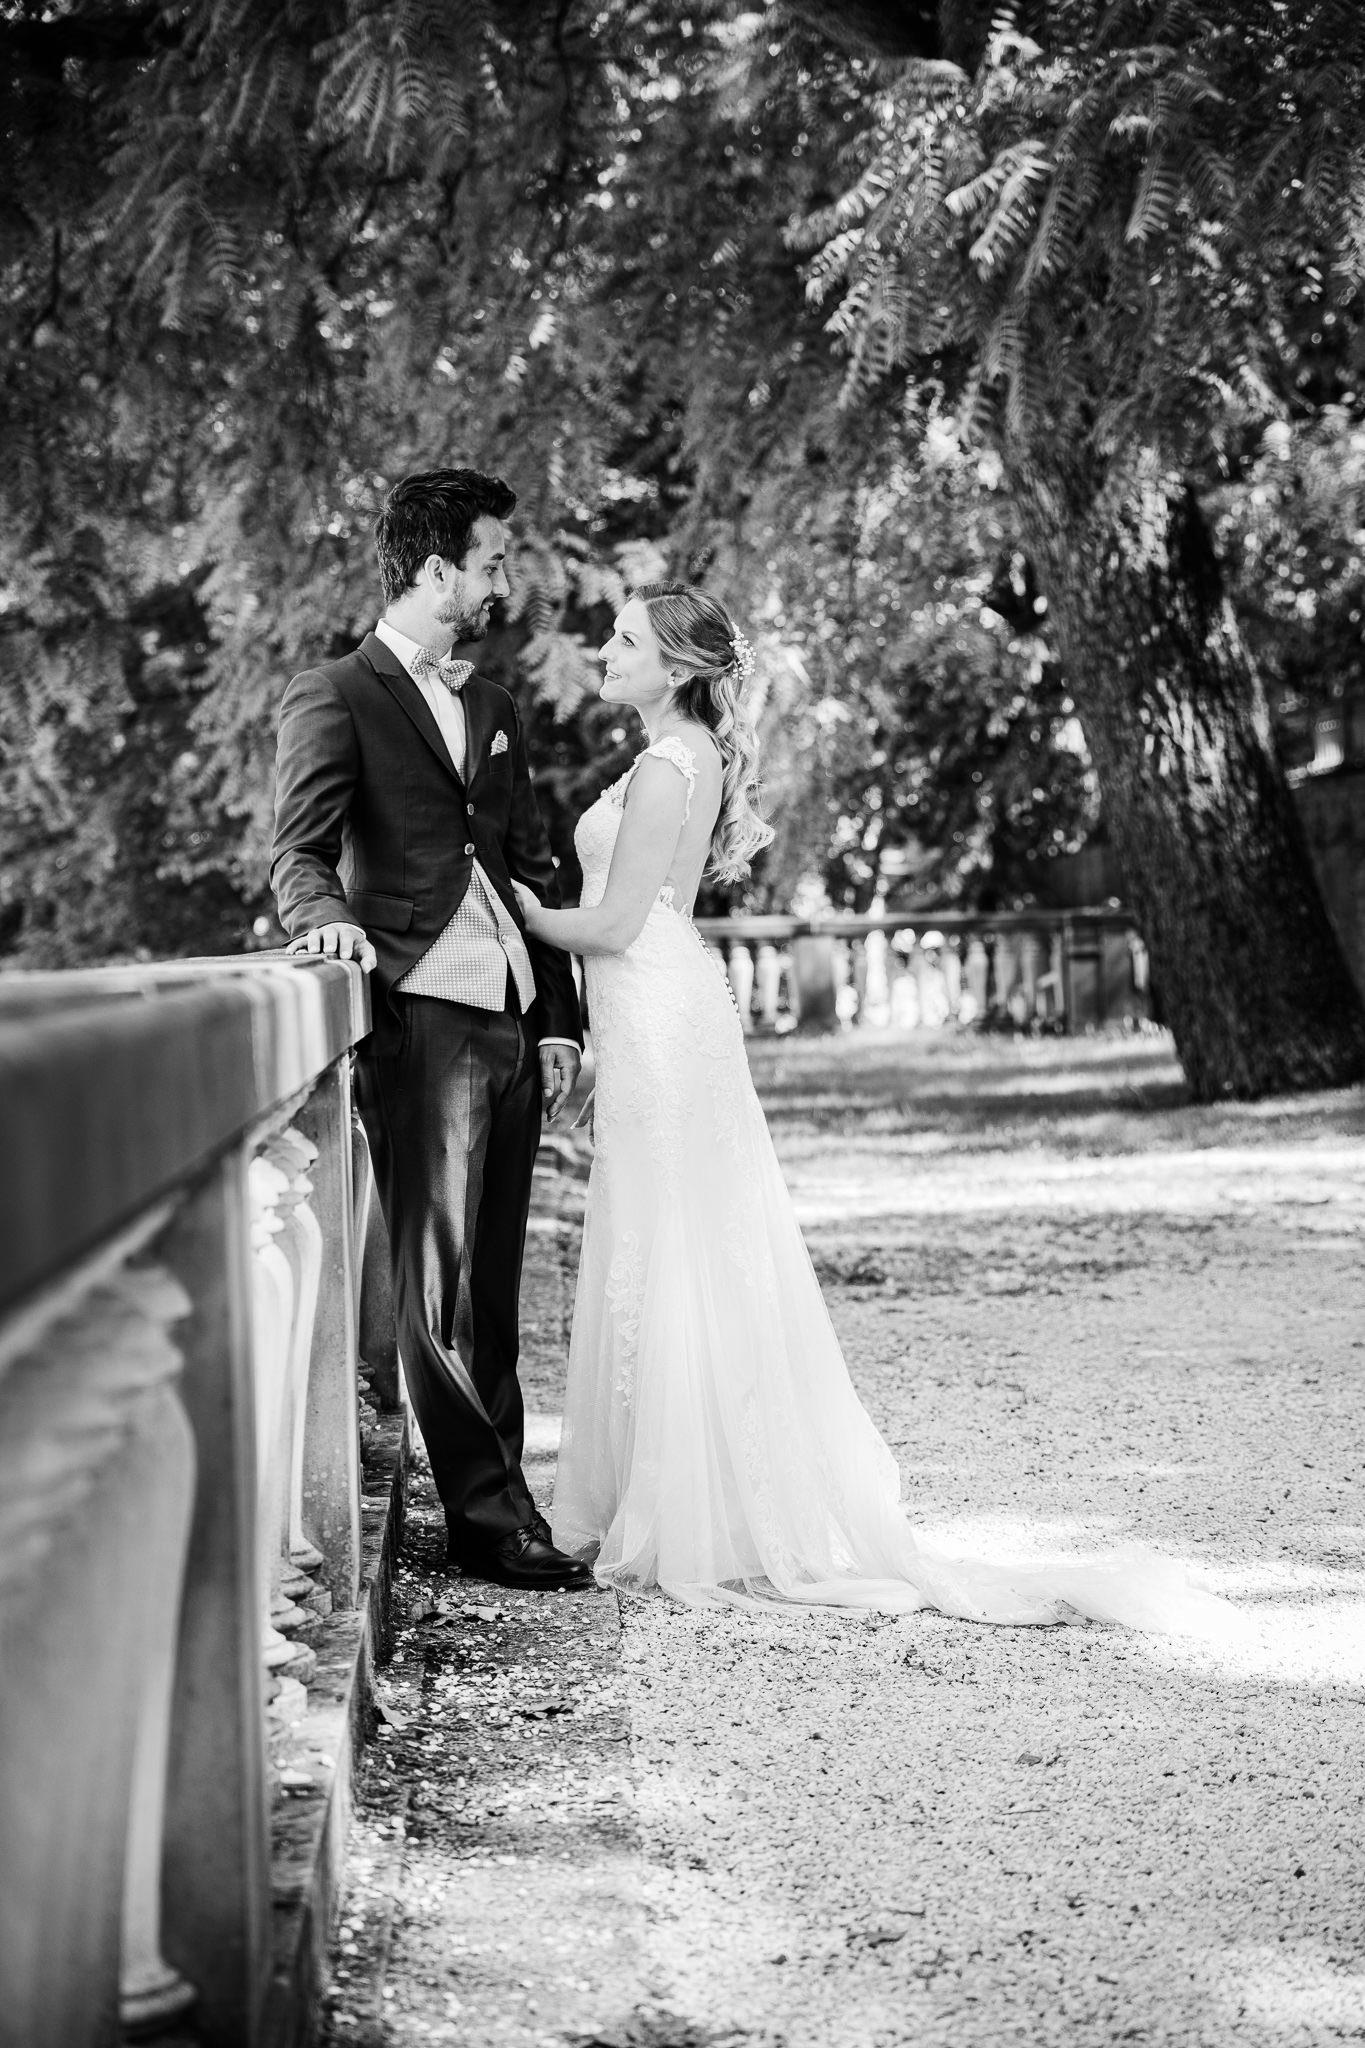 junges Brautpaar steht an einem Steingeländer im Heidelberger Schloßpark und schauen sich an. Fotosession nach der Hochzeit.